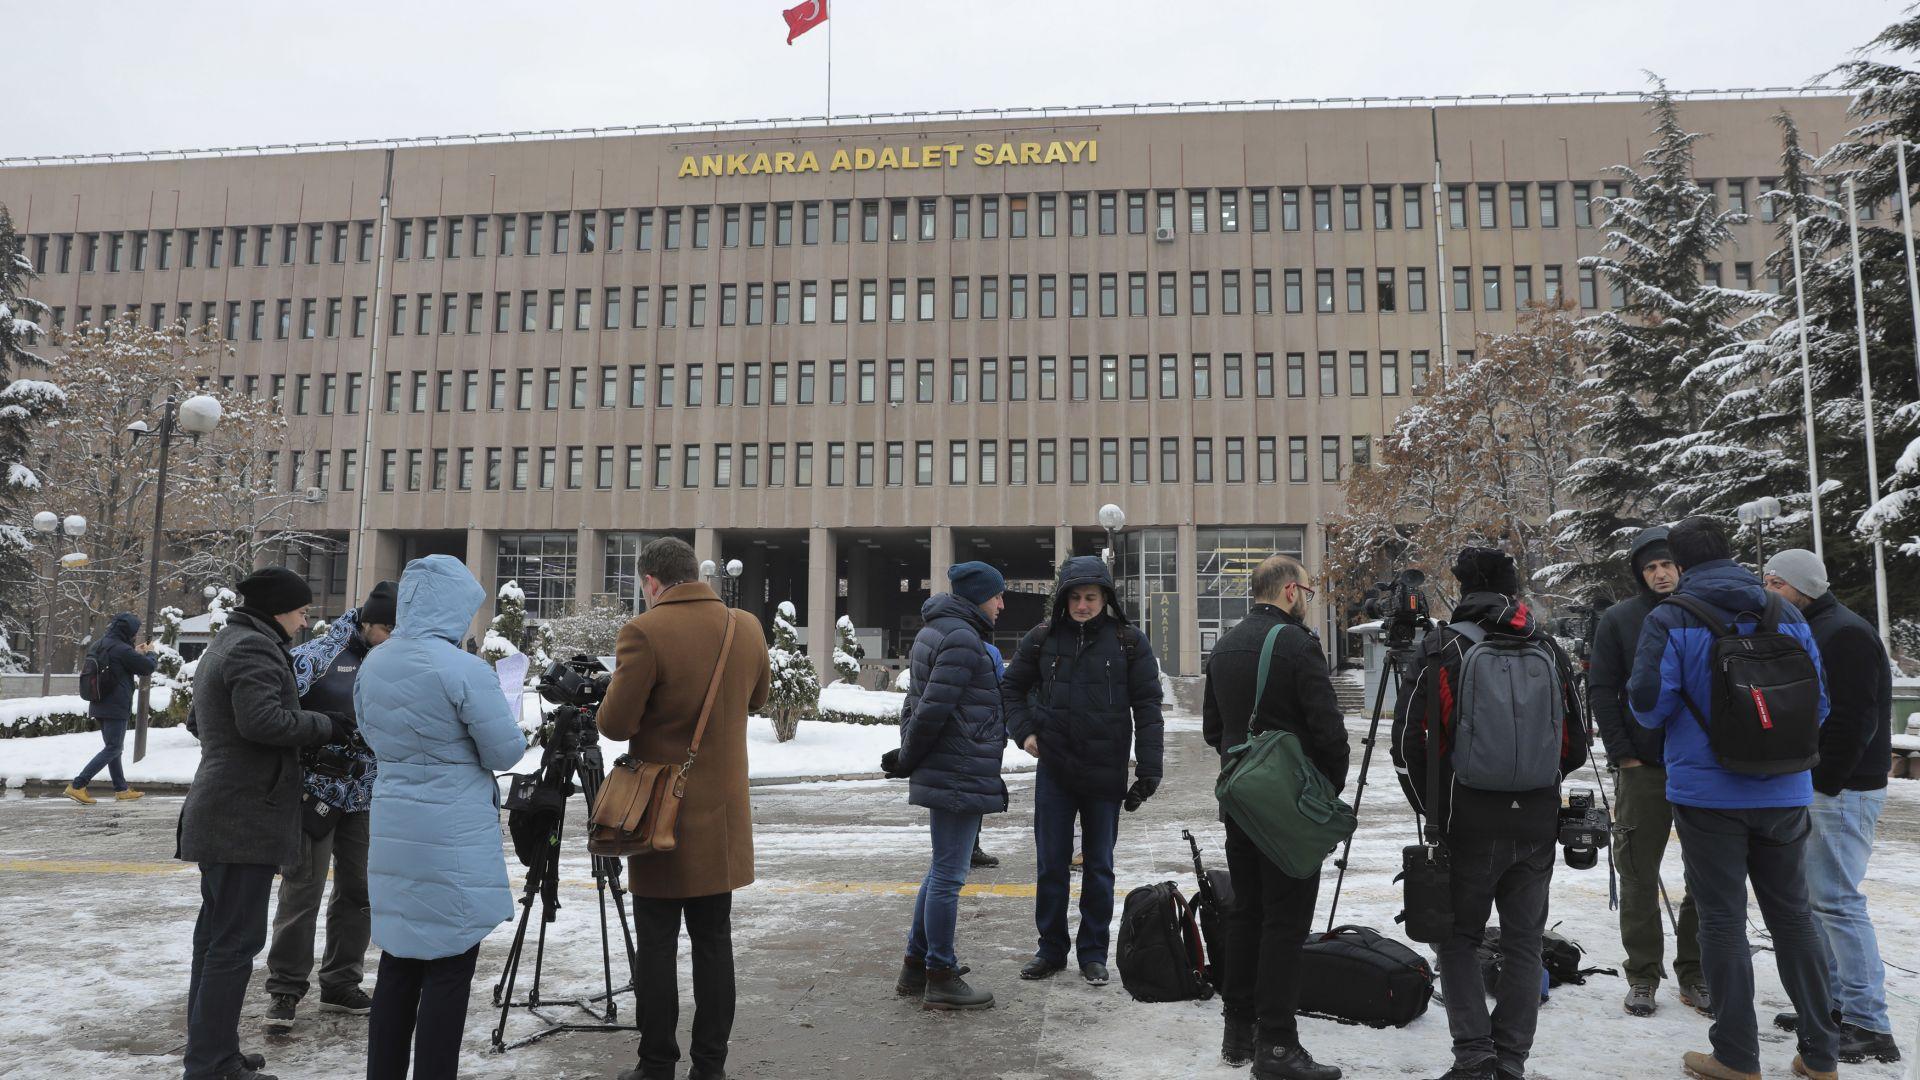 Започна процесът за убийството на руския посланик Карлов в Анкара, 28 са обвиняеми